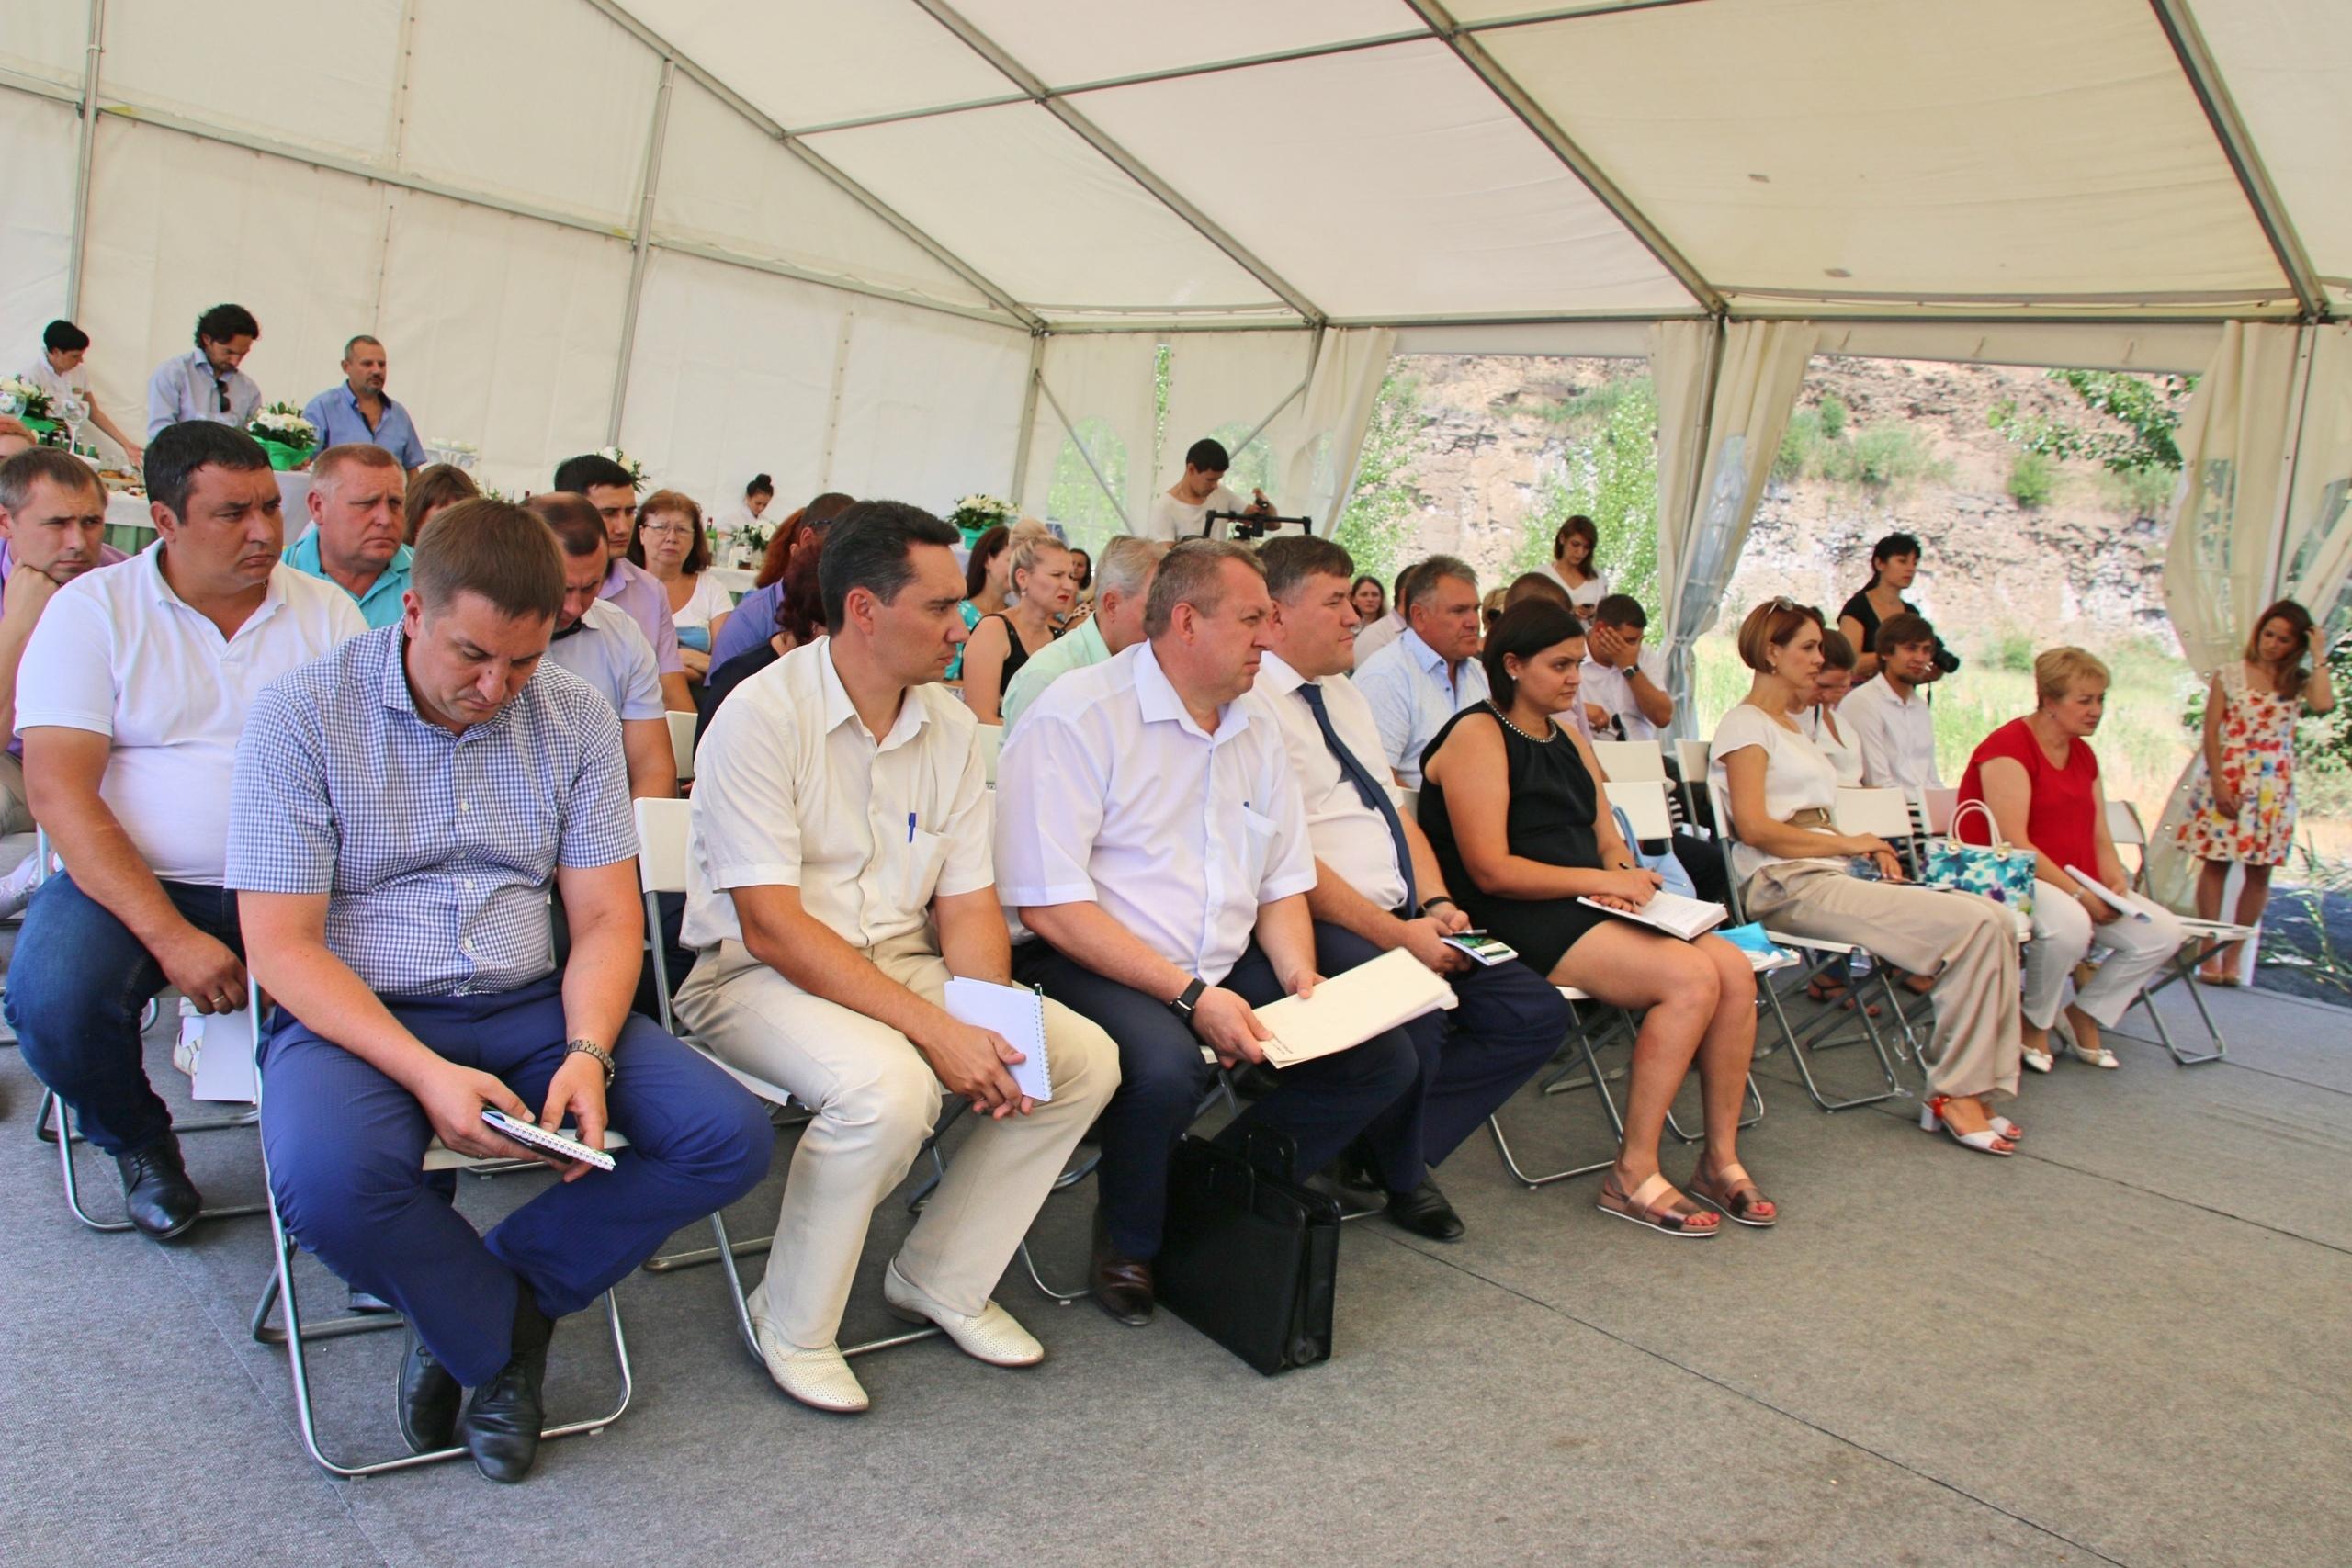 Сегодня в Красносулинском районе был заложен символический камень на месте, где уже в августе начнётся строительство Красносулинского межмуниципального экологического отходоперерабатывающего комплекса.